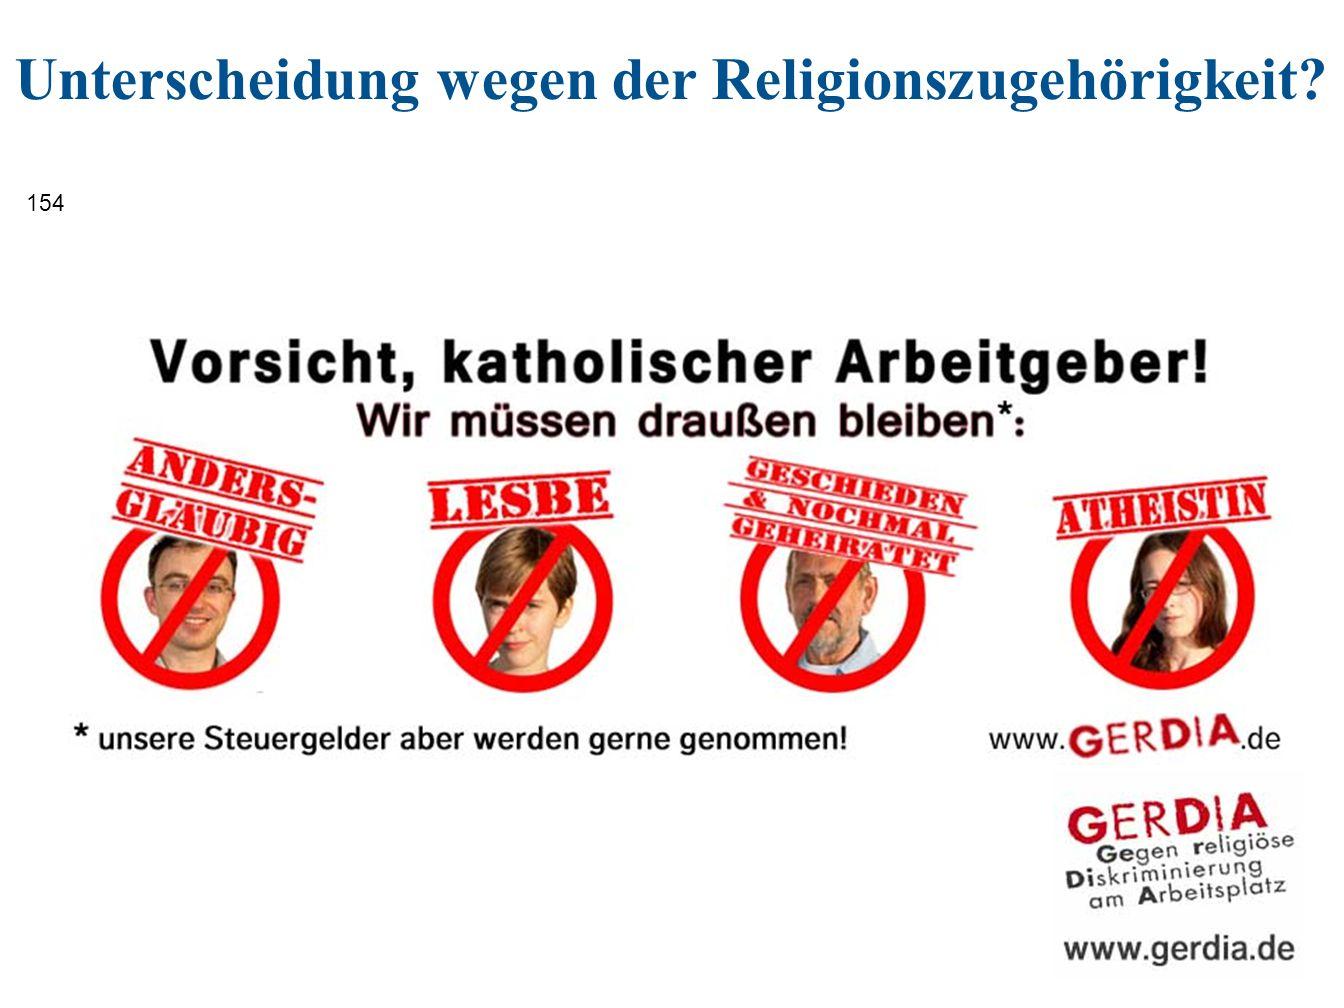 154 Unterscheidung wegen der Religionszugehörigkeit?